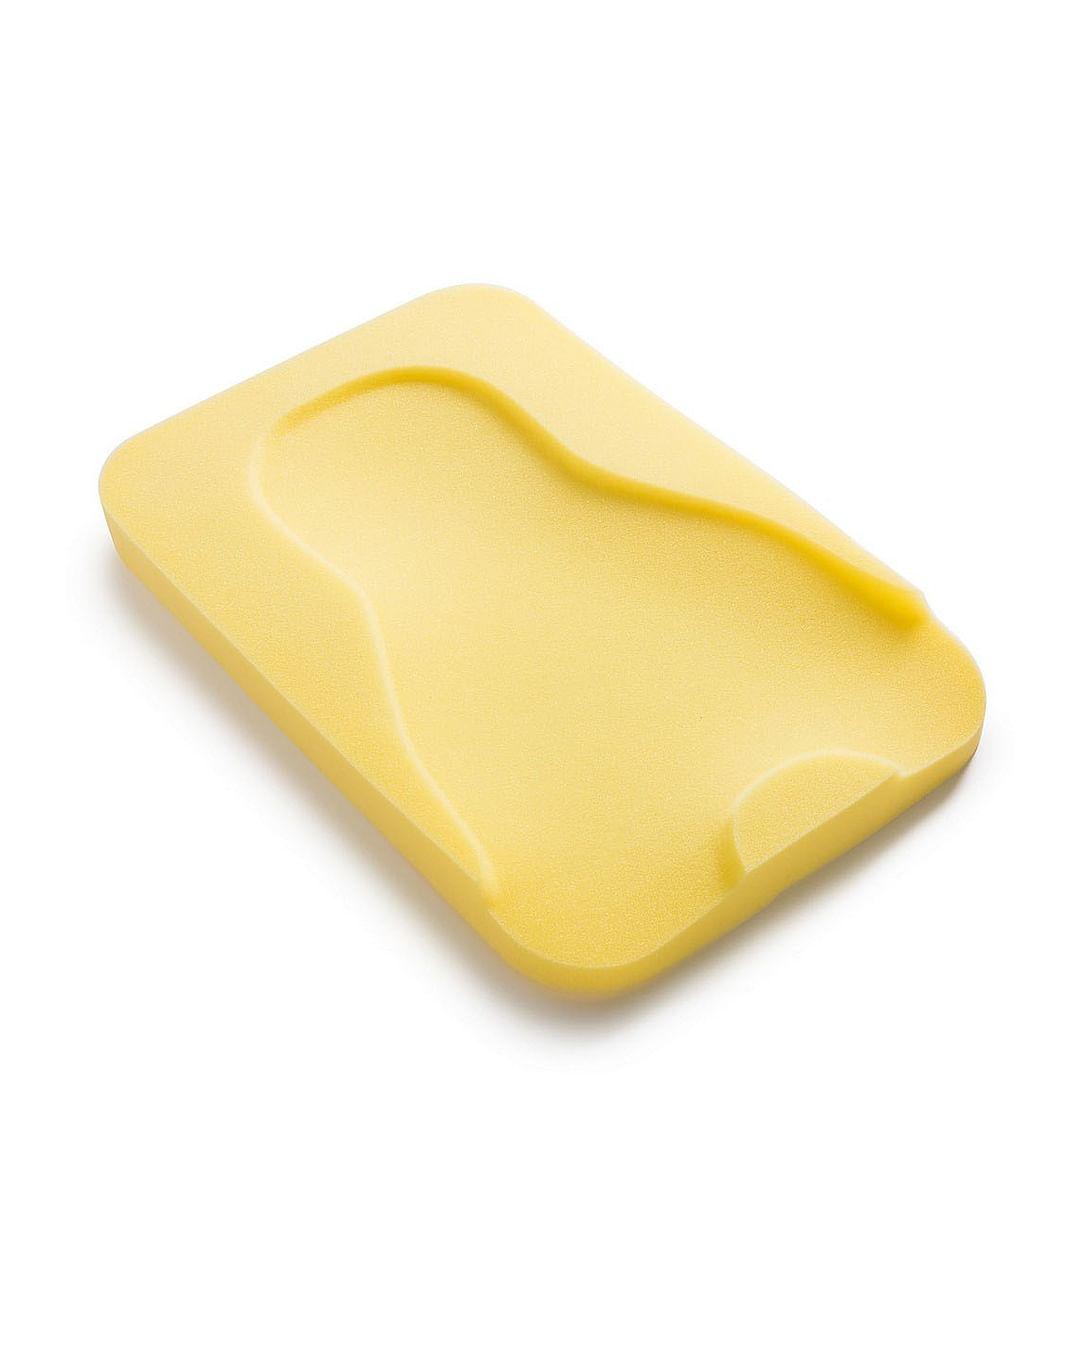 Mothercare | Summer Infant Comfy Bath Sponge